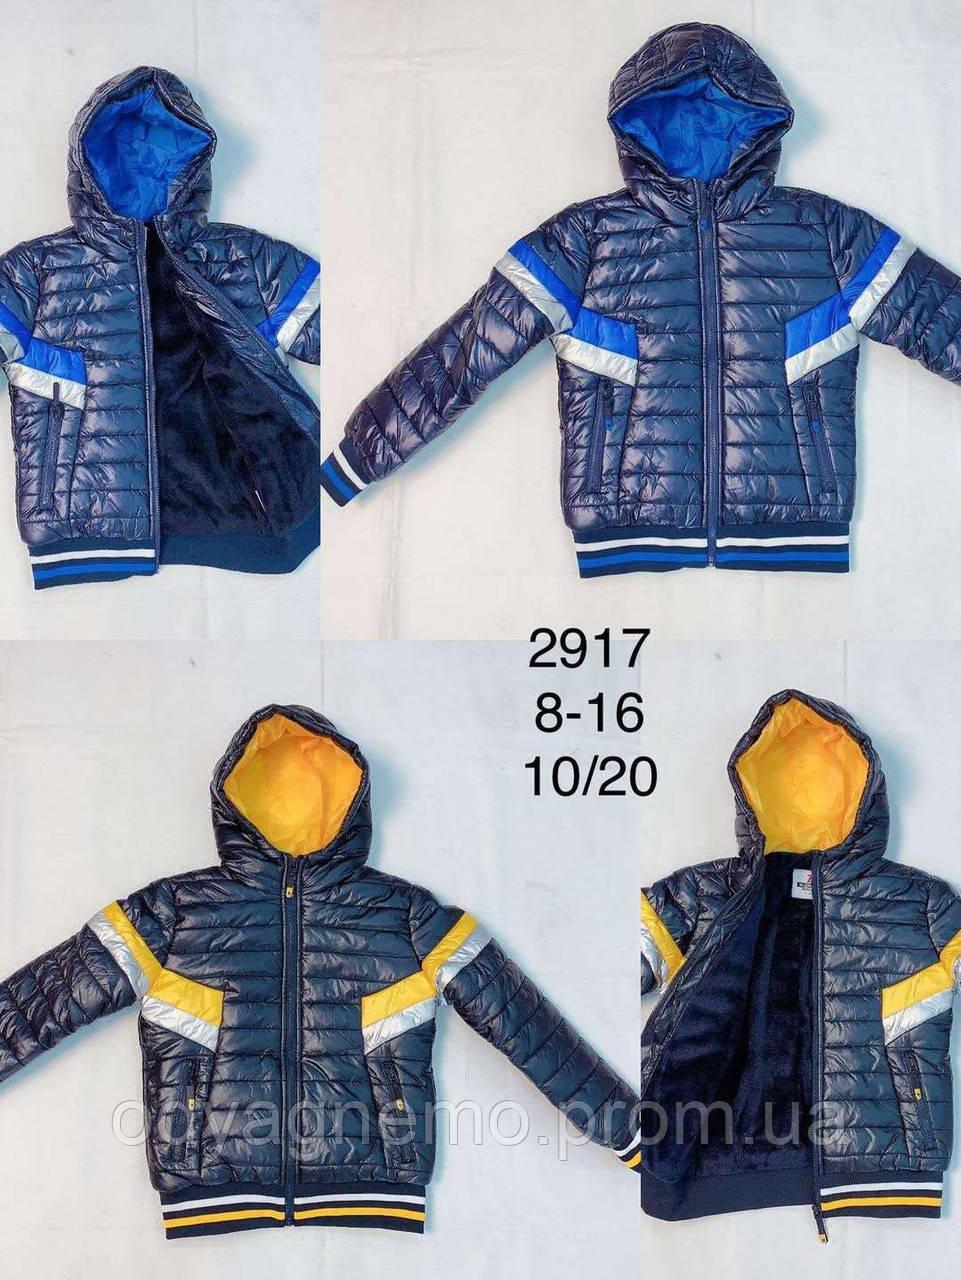 Куртка на хутрі для хлопчиків , 8-16 років.Артикул: 2917